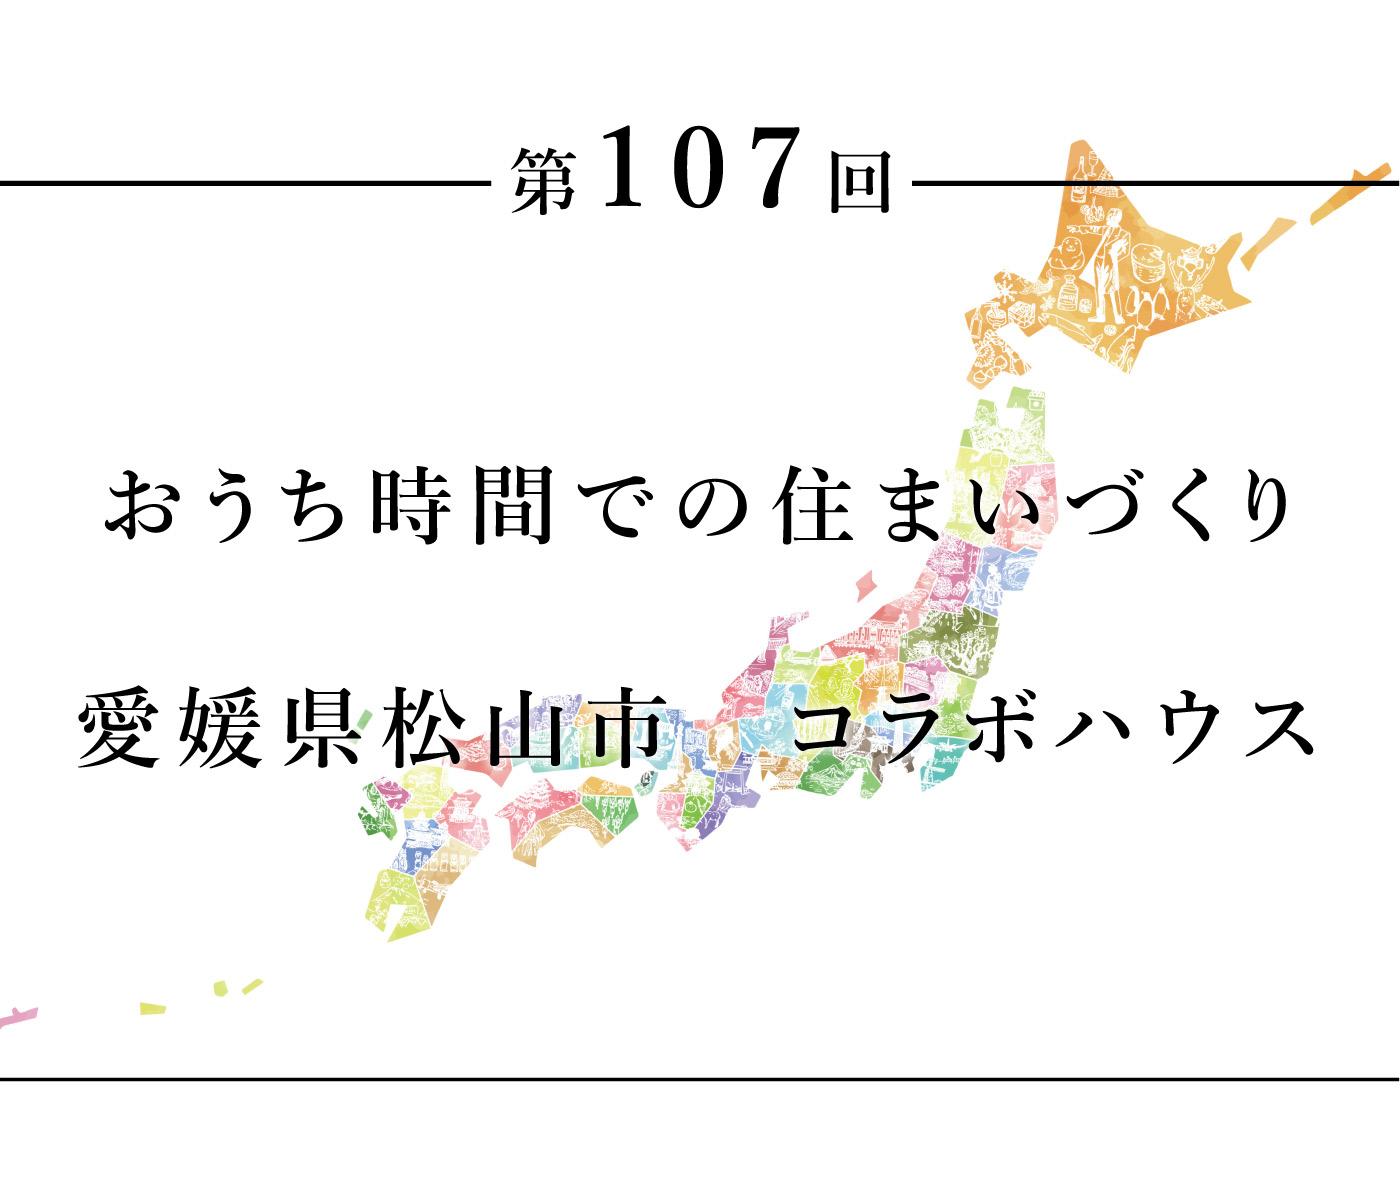 ちいきのたより第107回おうち時間での住まいづくり愛媛県松山市 コラボハウス